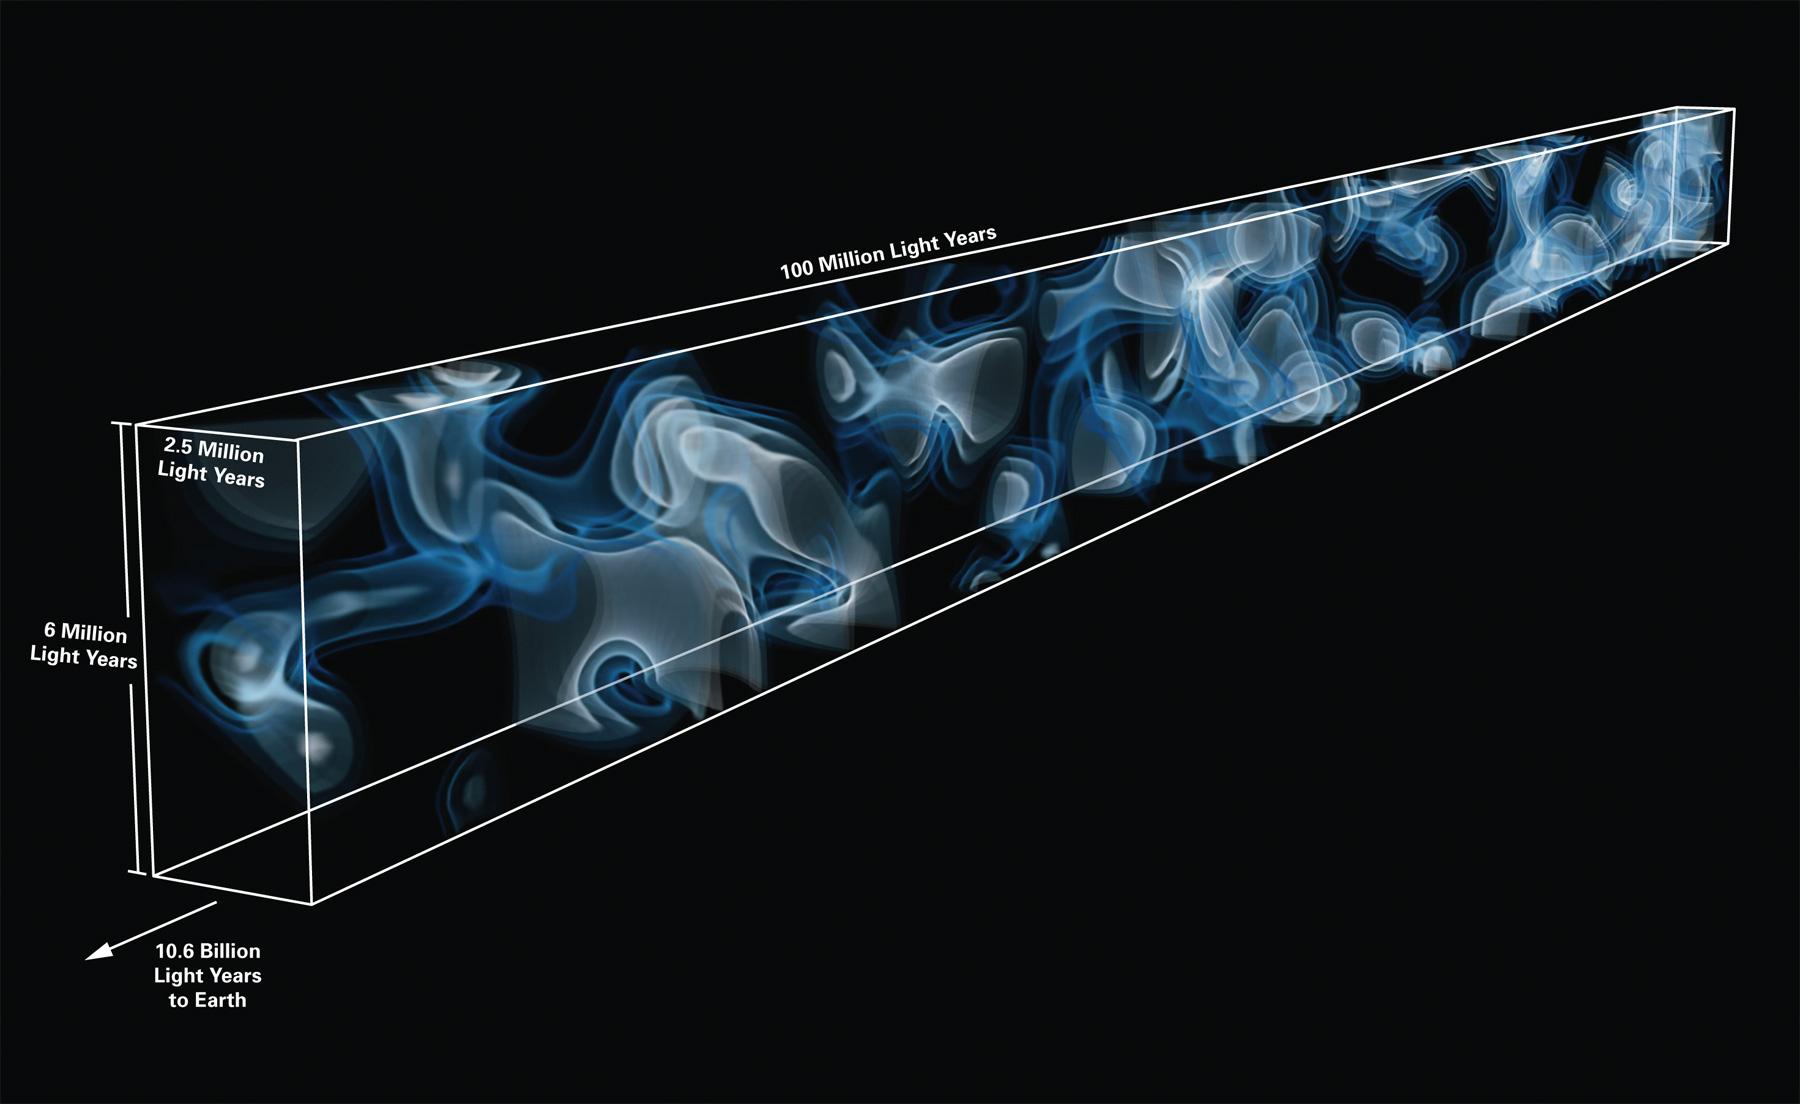 الگوی سهبعدی شبکه کیهانی (تار و پود عالم در بزرگترین مقیاس) در فاصله 10.8 میلیارد سالنوری از زمین. عرض مکعب 2.5 میلیون سالنوری، ارتفاع آن 6 میلیون سالنوری و عمق آن 100 میلیون سالنوری است.